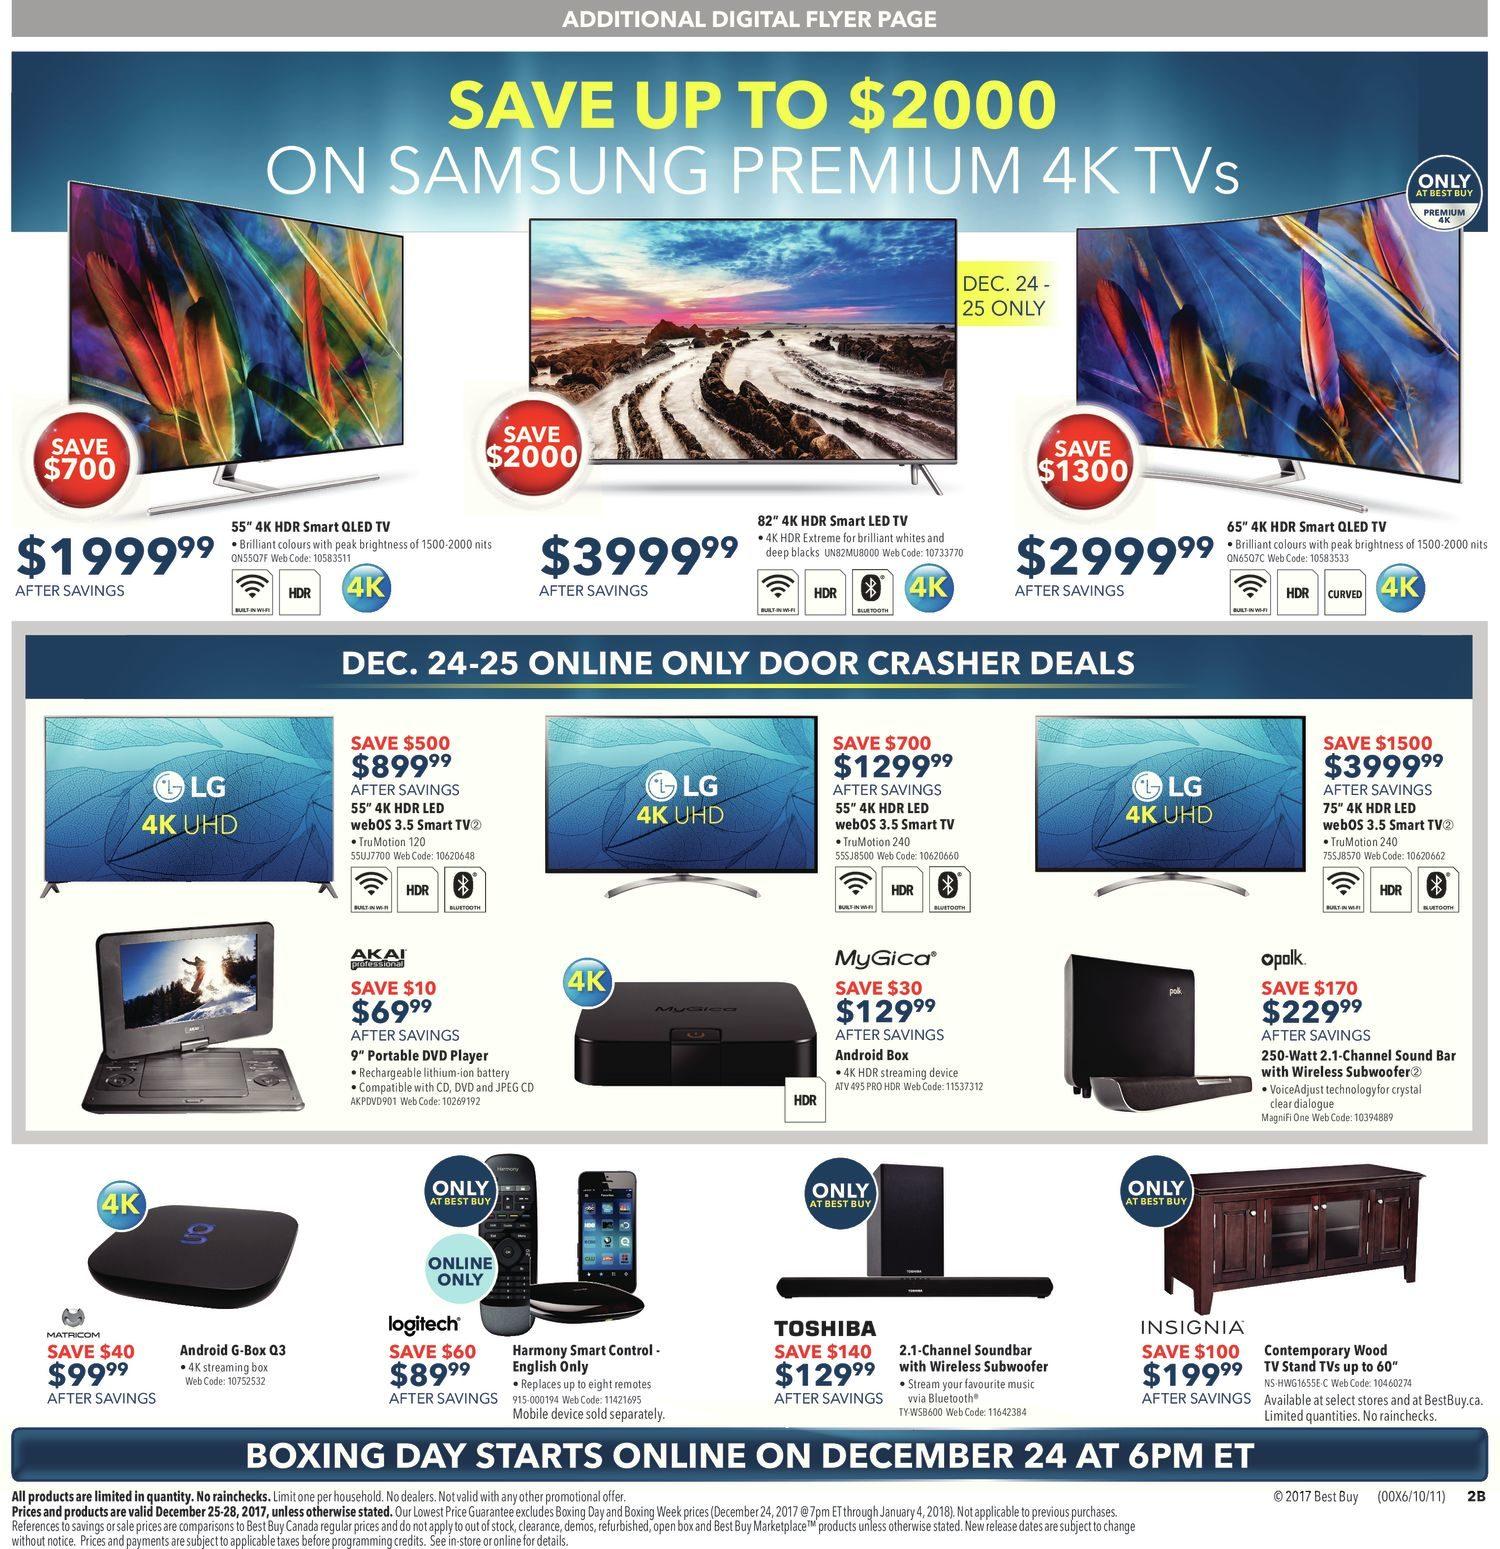 Best Buy Weekly Flyer - Boxing Day Sale - Dec 25 – 25 - RedFlagDeals.com